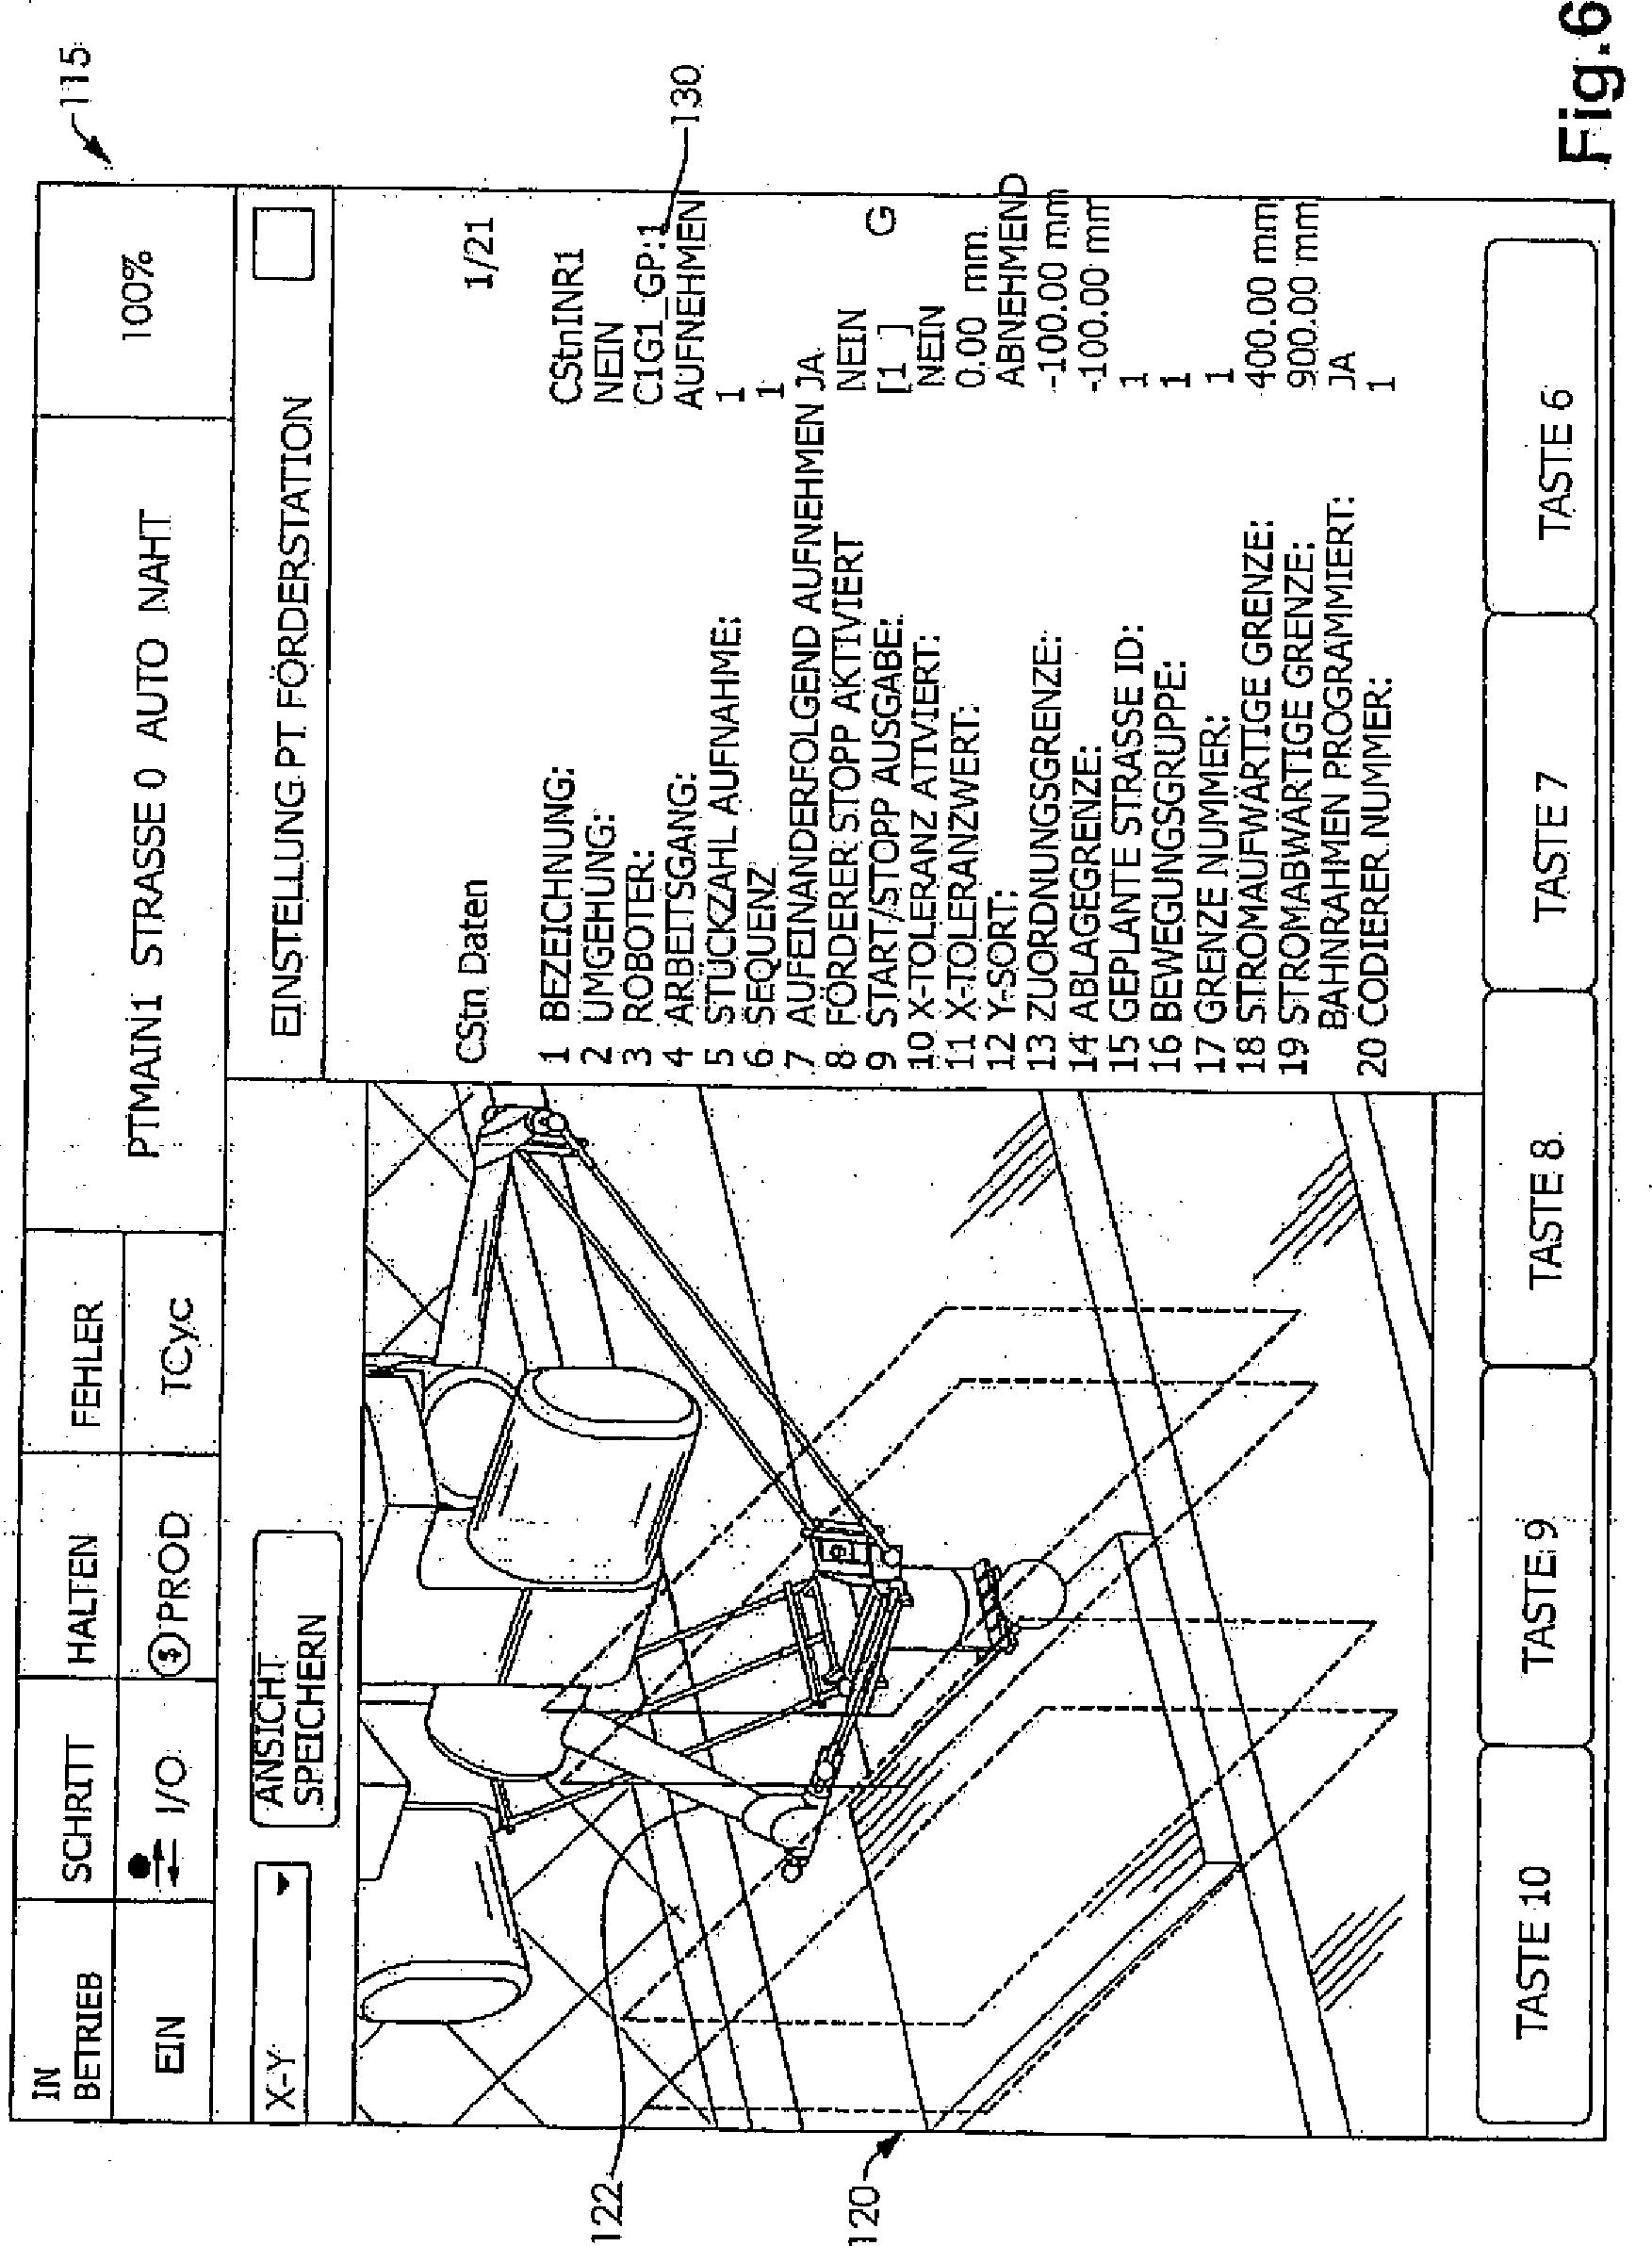 Erfreut Schematisches Blockdiagramm Bilder - Schaltplan Serie ...